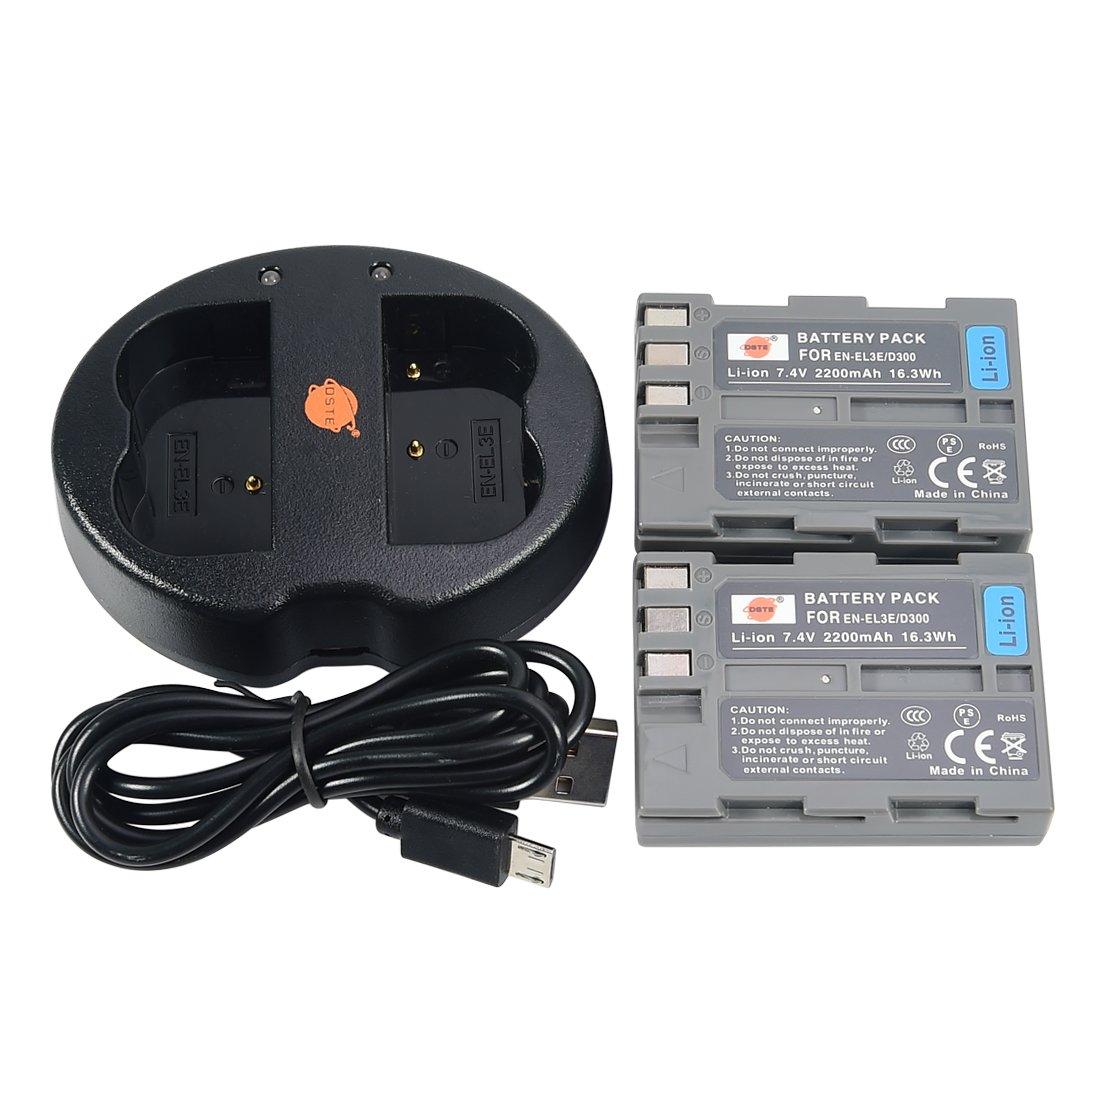 DSTE 2pcs Batería + Cargador de Batería USB para Nikon EN-EL3E D30 D50 D70 D70S D80 D90 D100 D200 D300 D300S D700